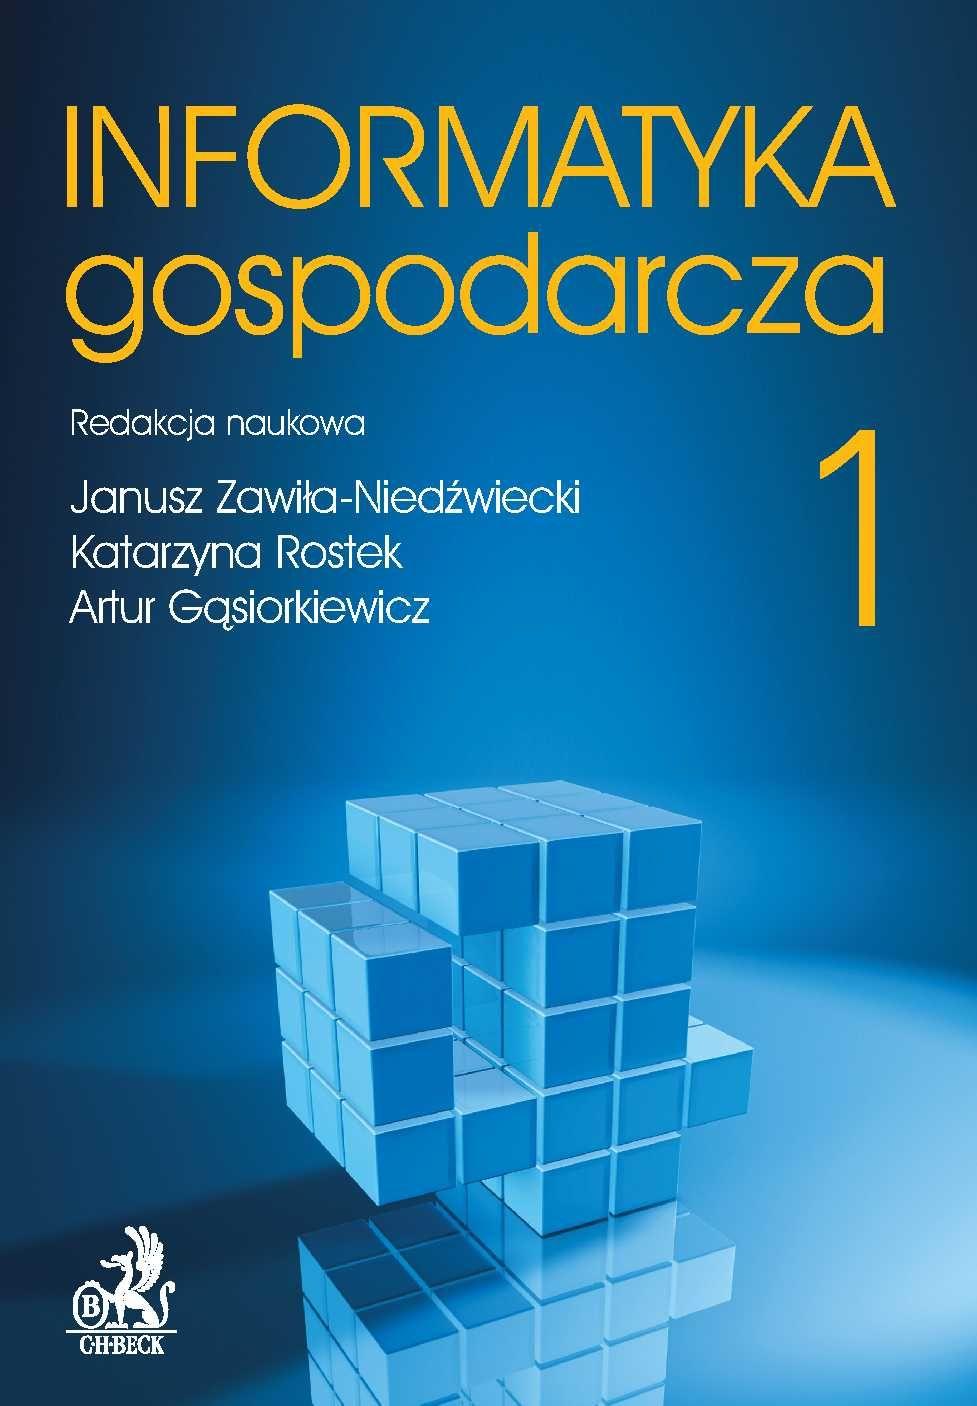 Informatyka Gospodarcza. Tom I - Ebook (Książka PDF) do pobrania w formacie PDF